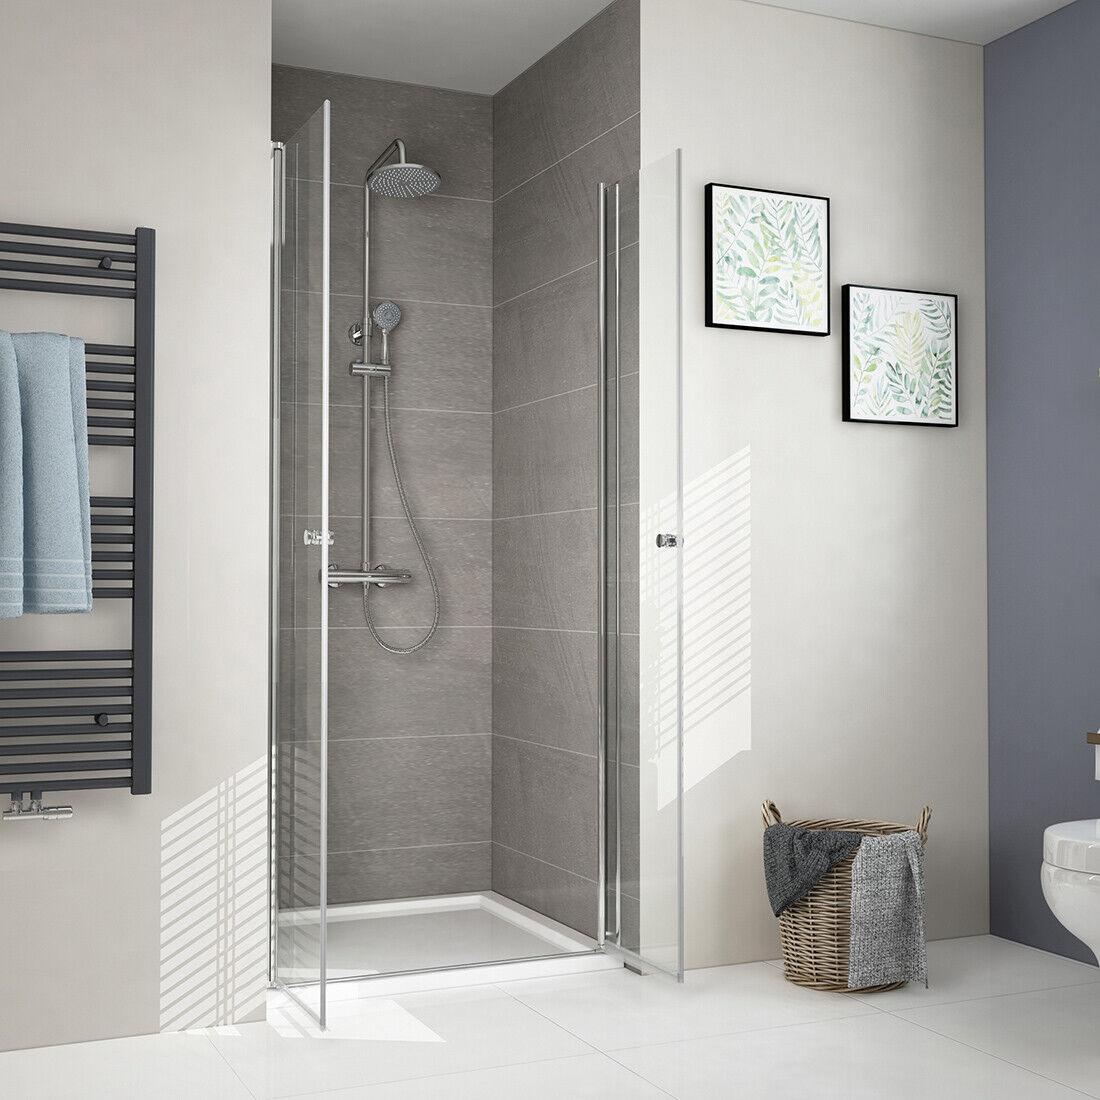 Details zu Duschtür Dusche Pendeltür 100 90 80 70 cm Nische Schwingtür  Duschkabine Echtglas